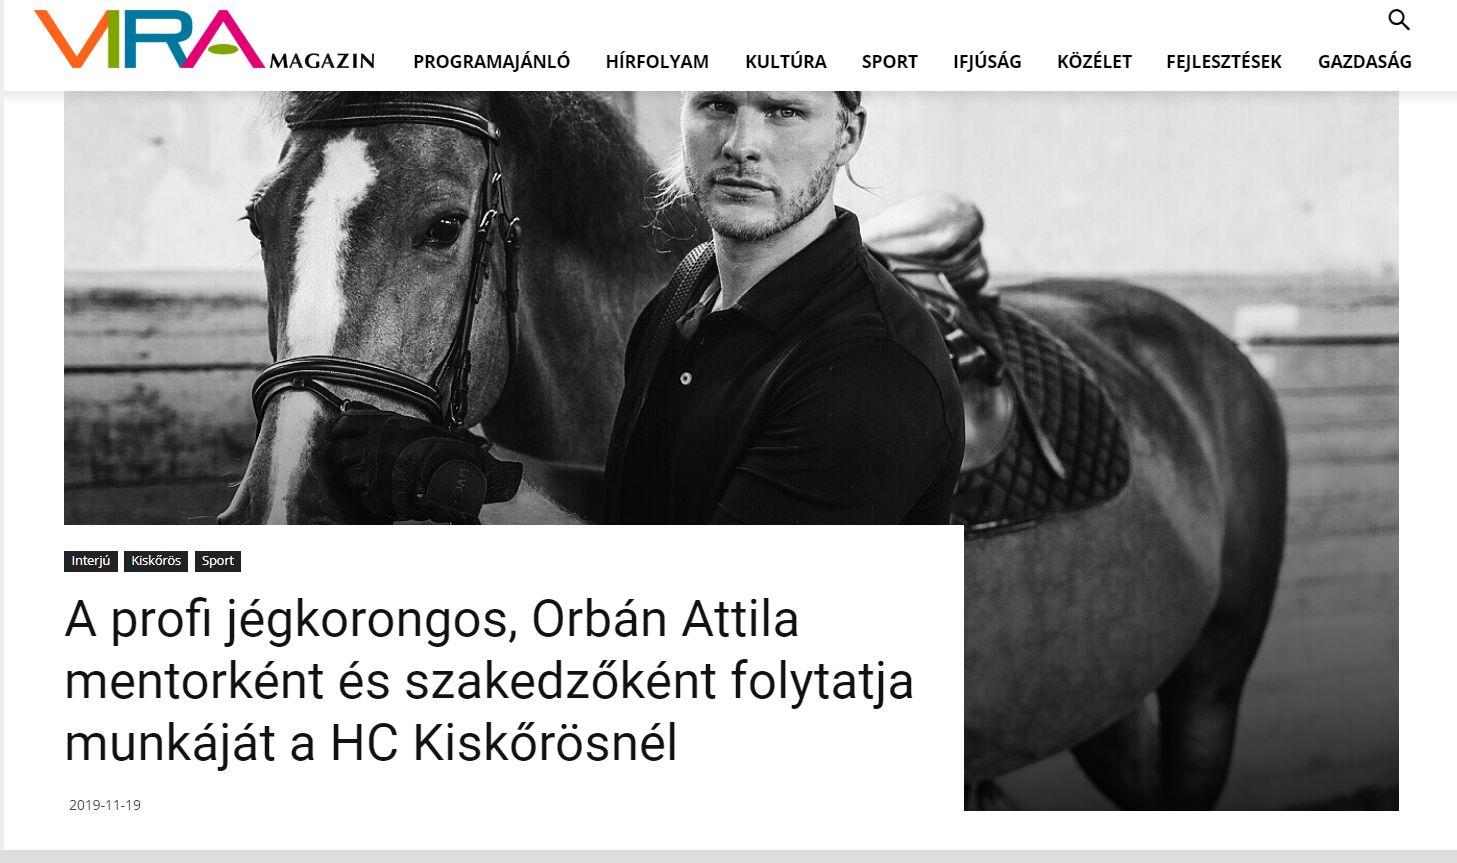 Orbán Attila mentorként és szakedzőként folytatja munkáját a HC Kiskőrösnél